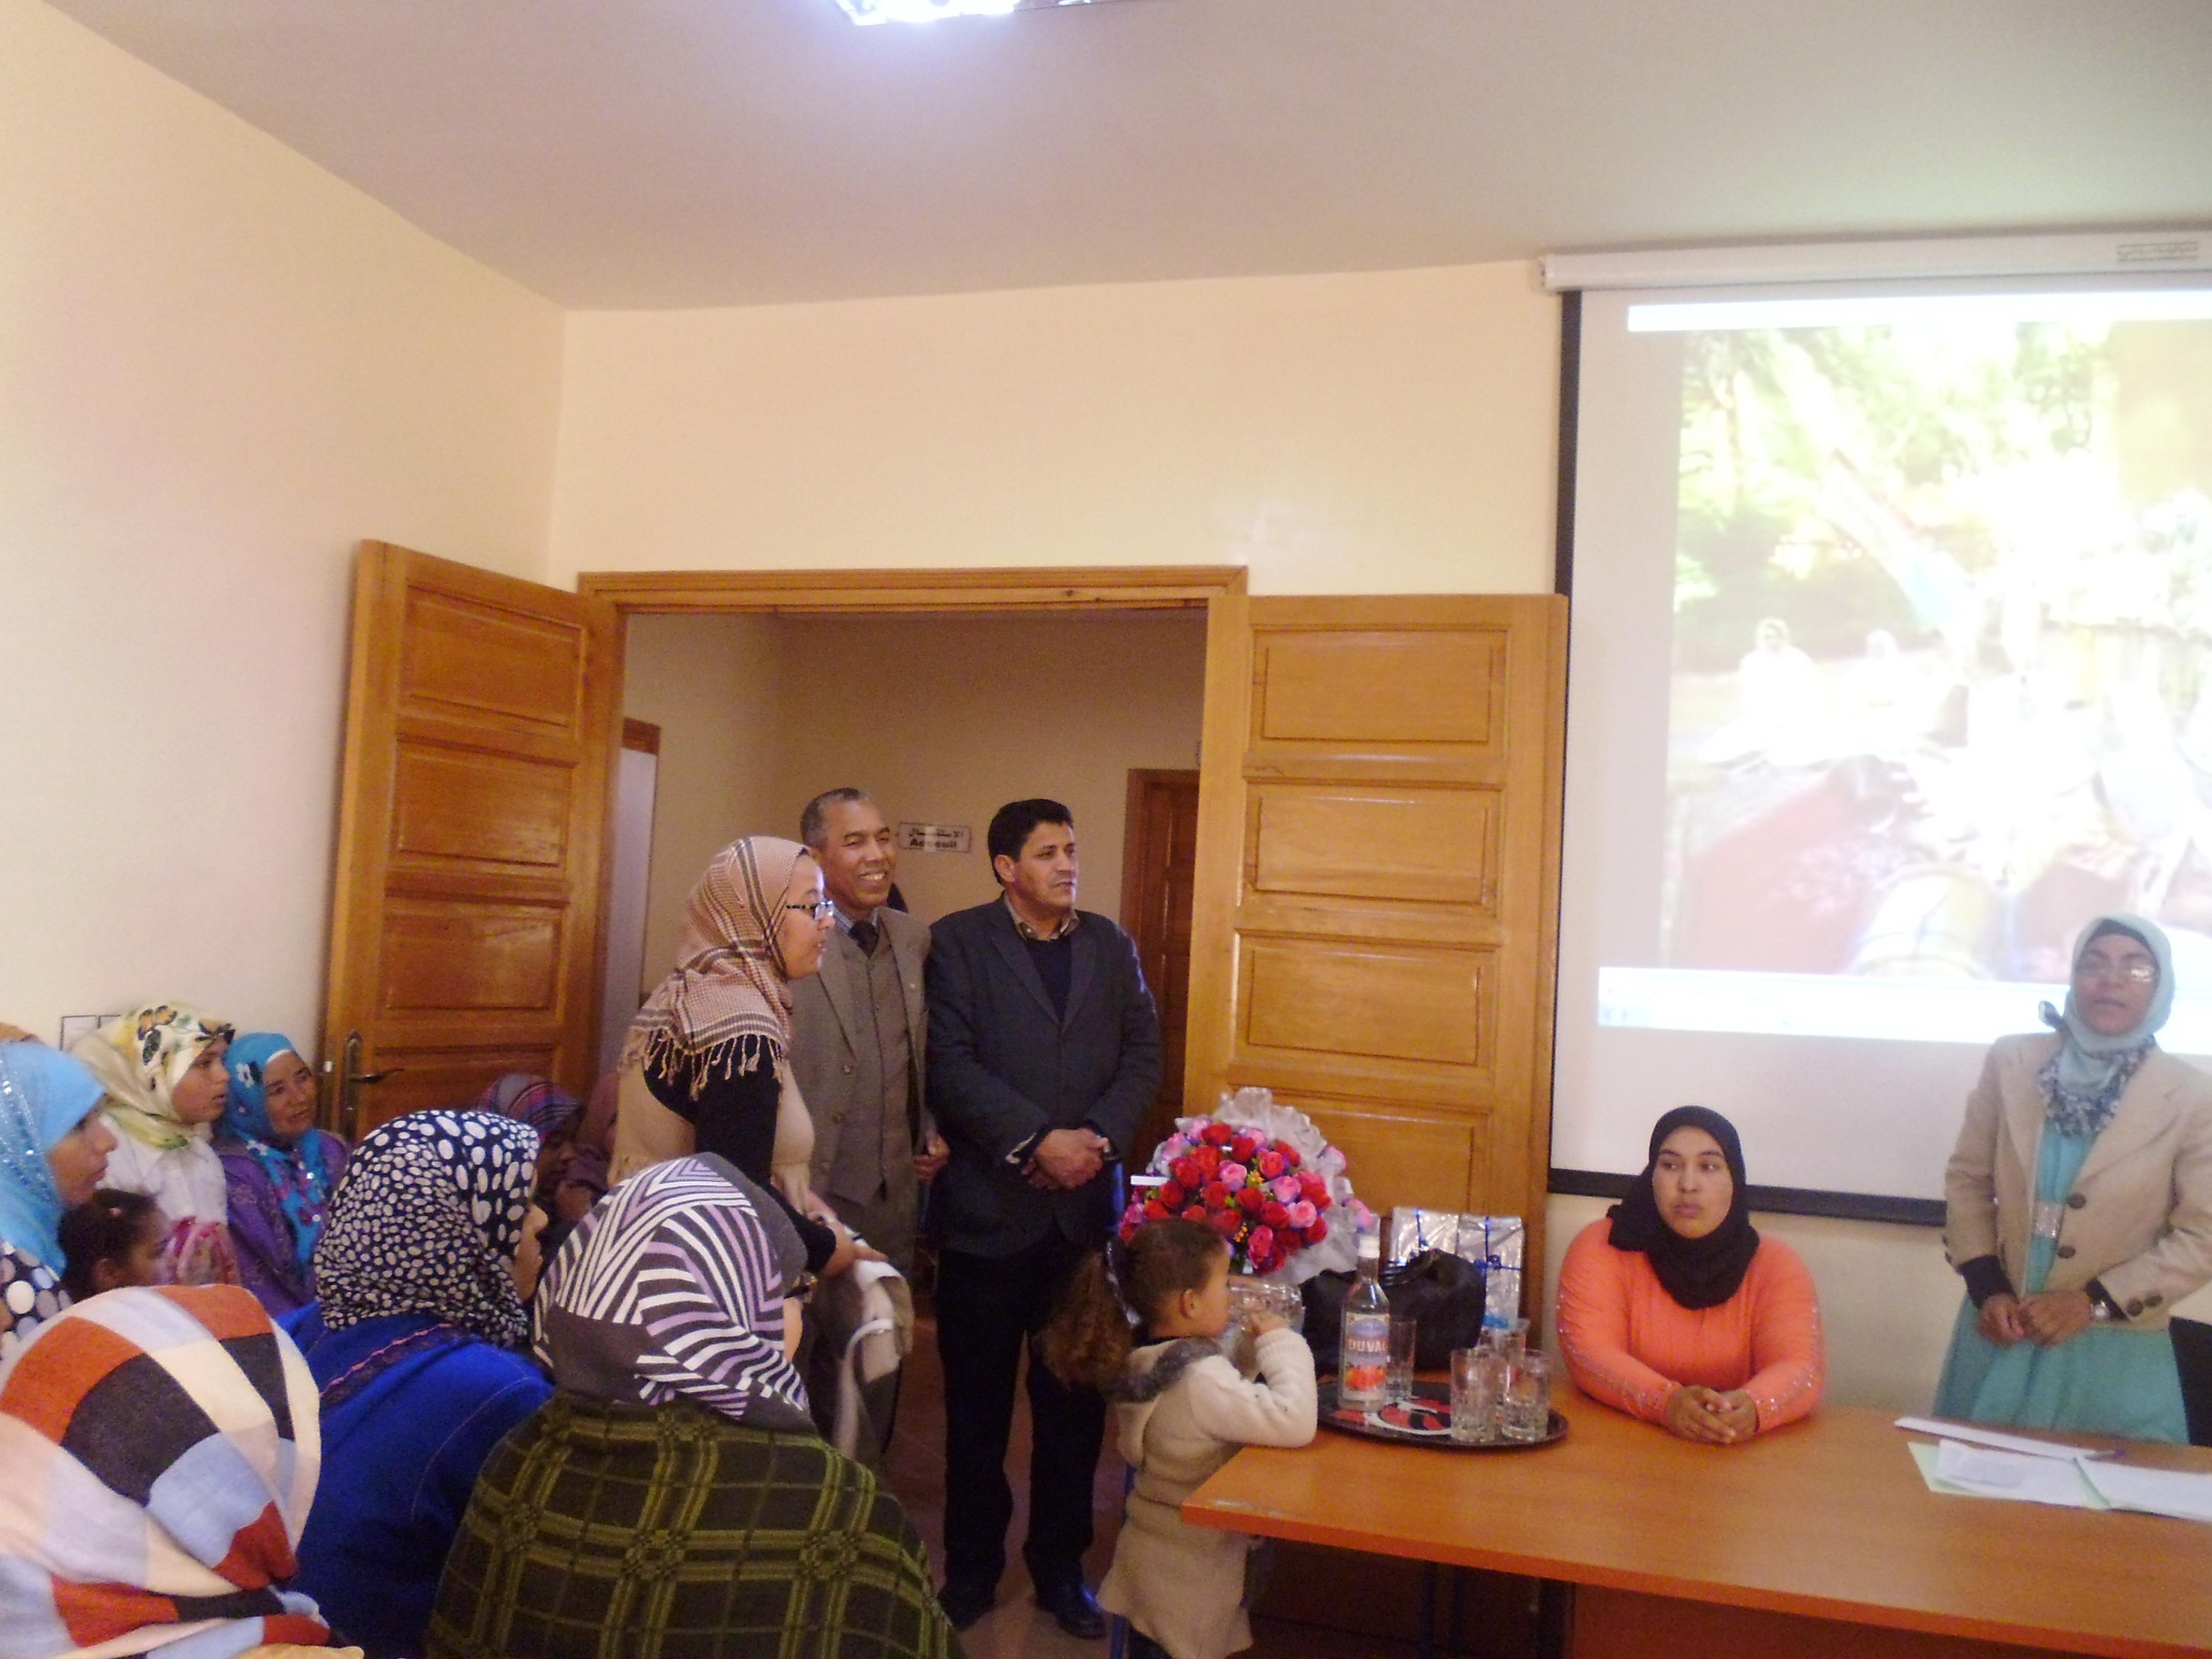 الاحتفال باليوم العالمي للمرأة بالمركز السوسيو ثقافي عثمان أوموسى